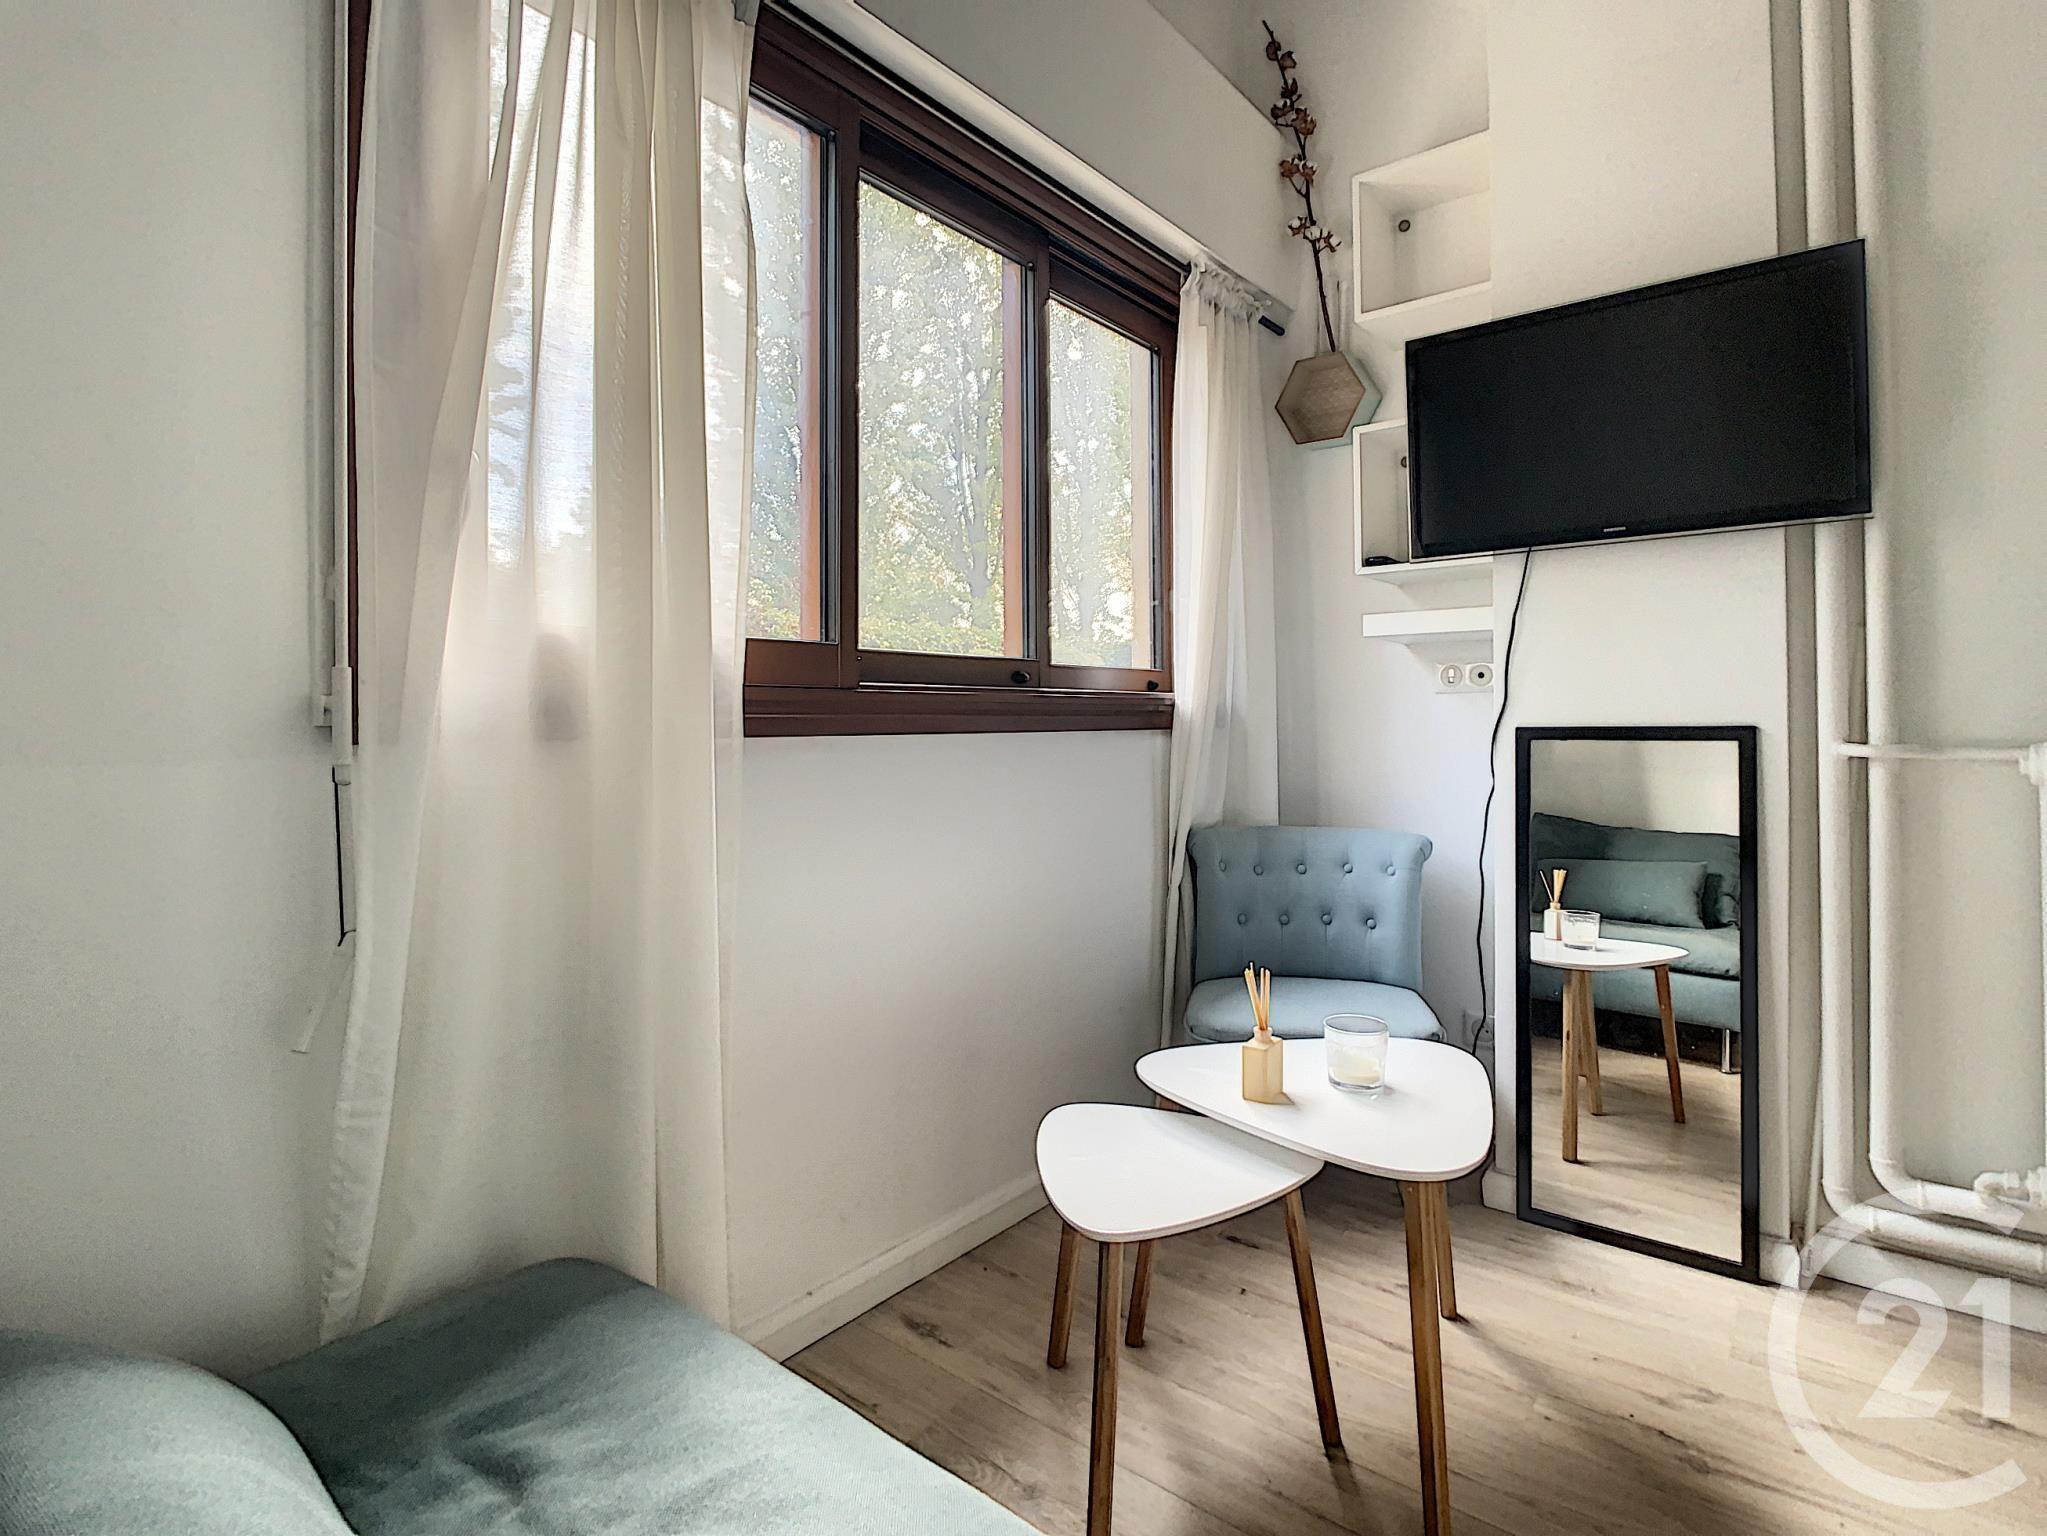 Appartement a louer boulogne-billancourt - 1 pièce(s) - 12.88 m2 - Surfyn